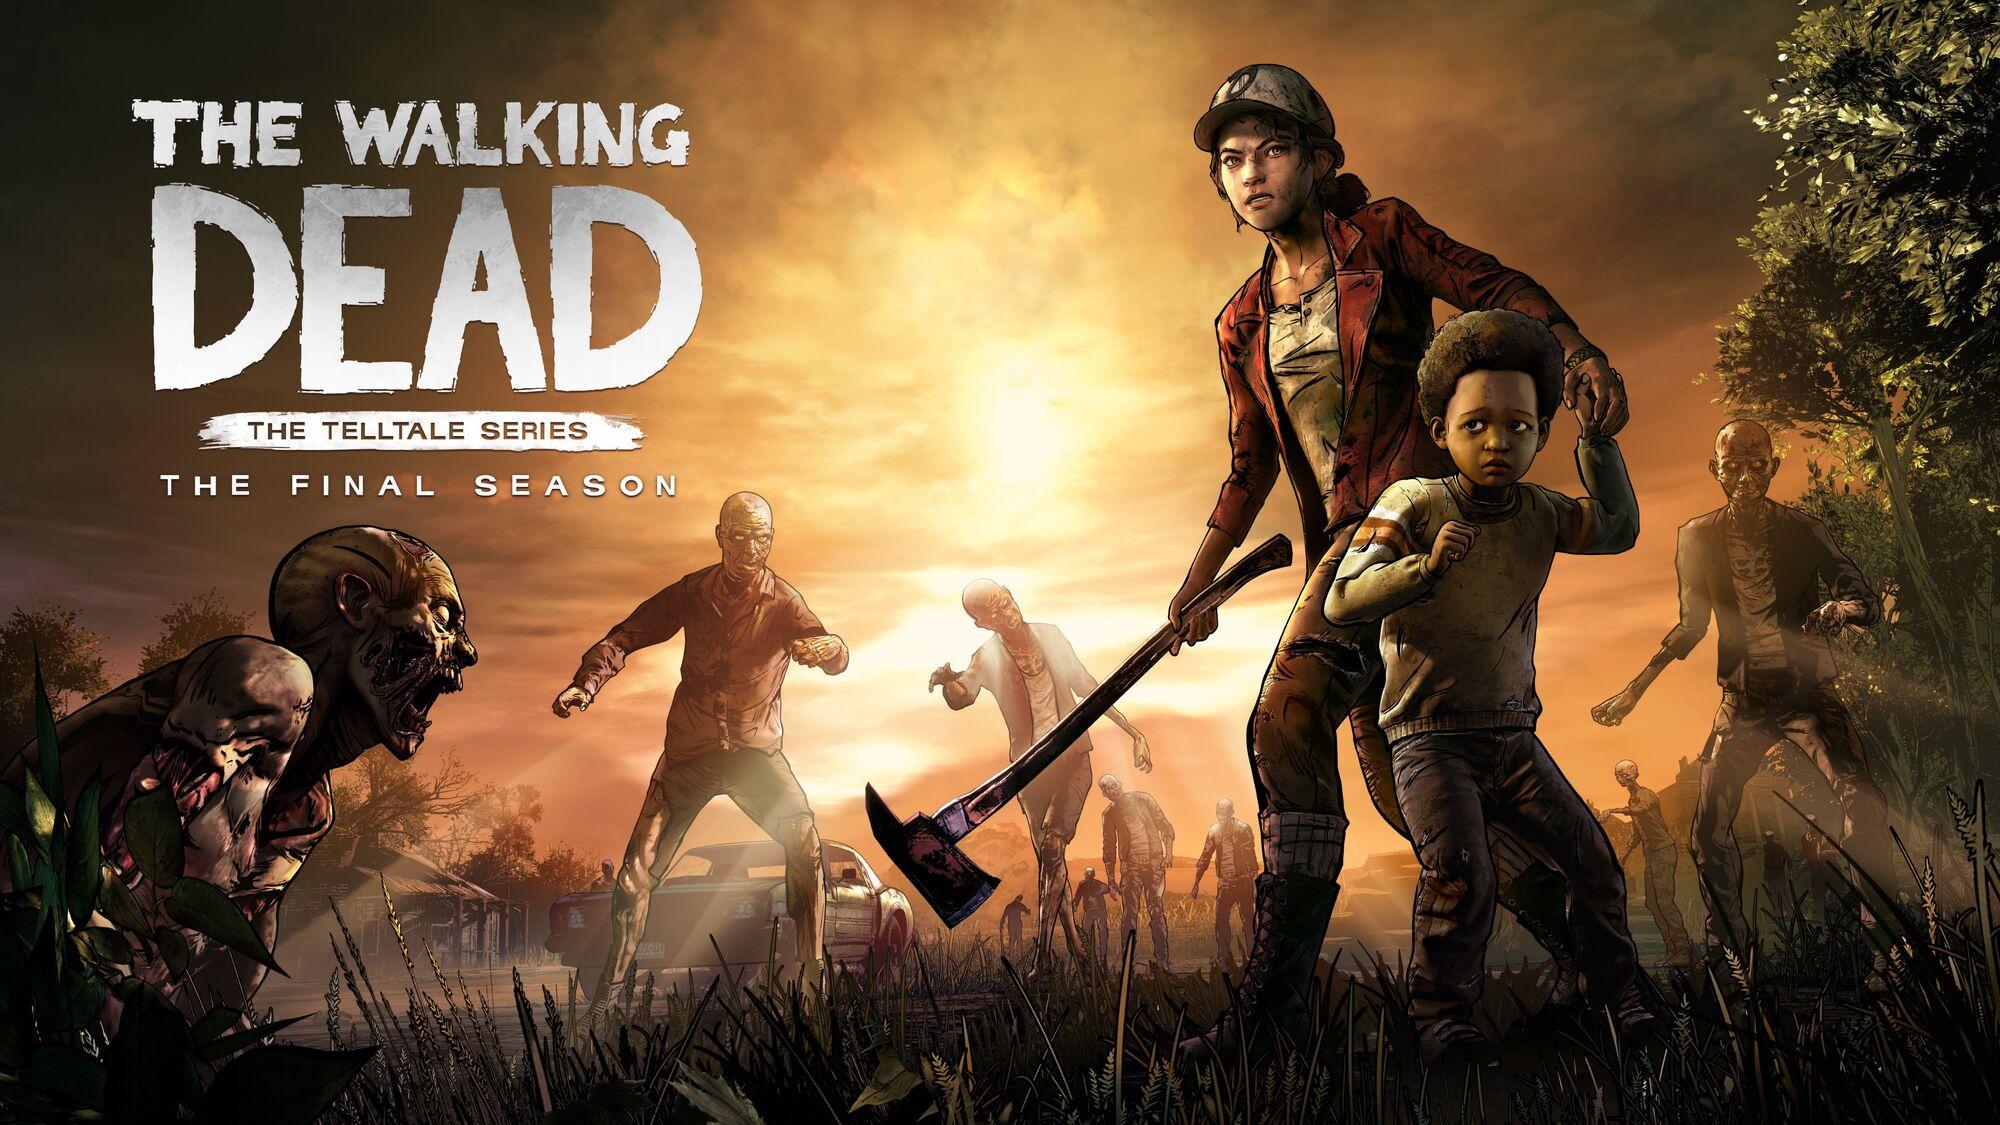 Season 4 (Video Game) | Walking Dead Wiki | FANDOM powered by Wikia